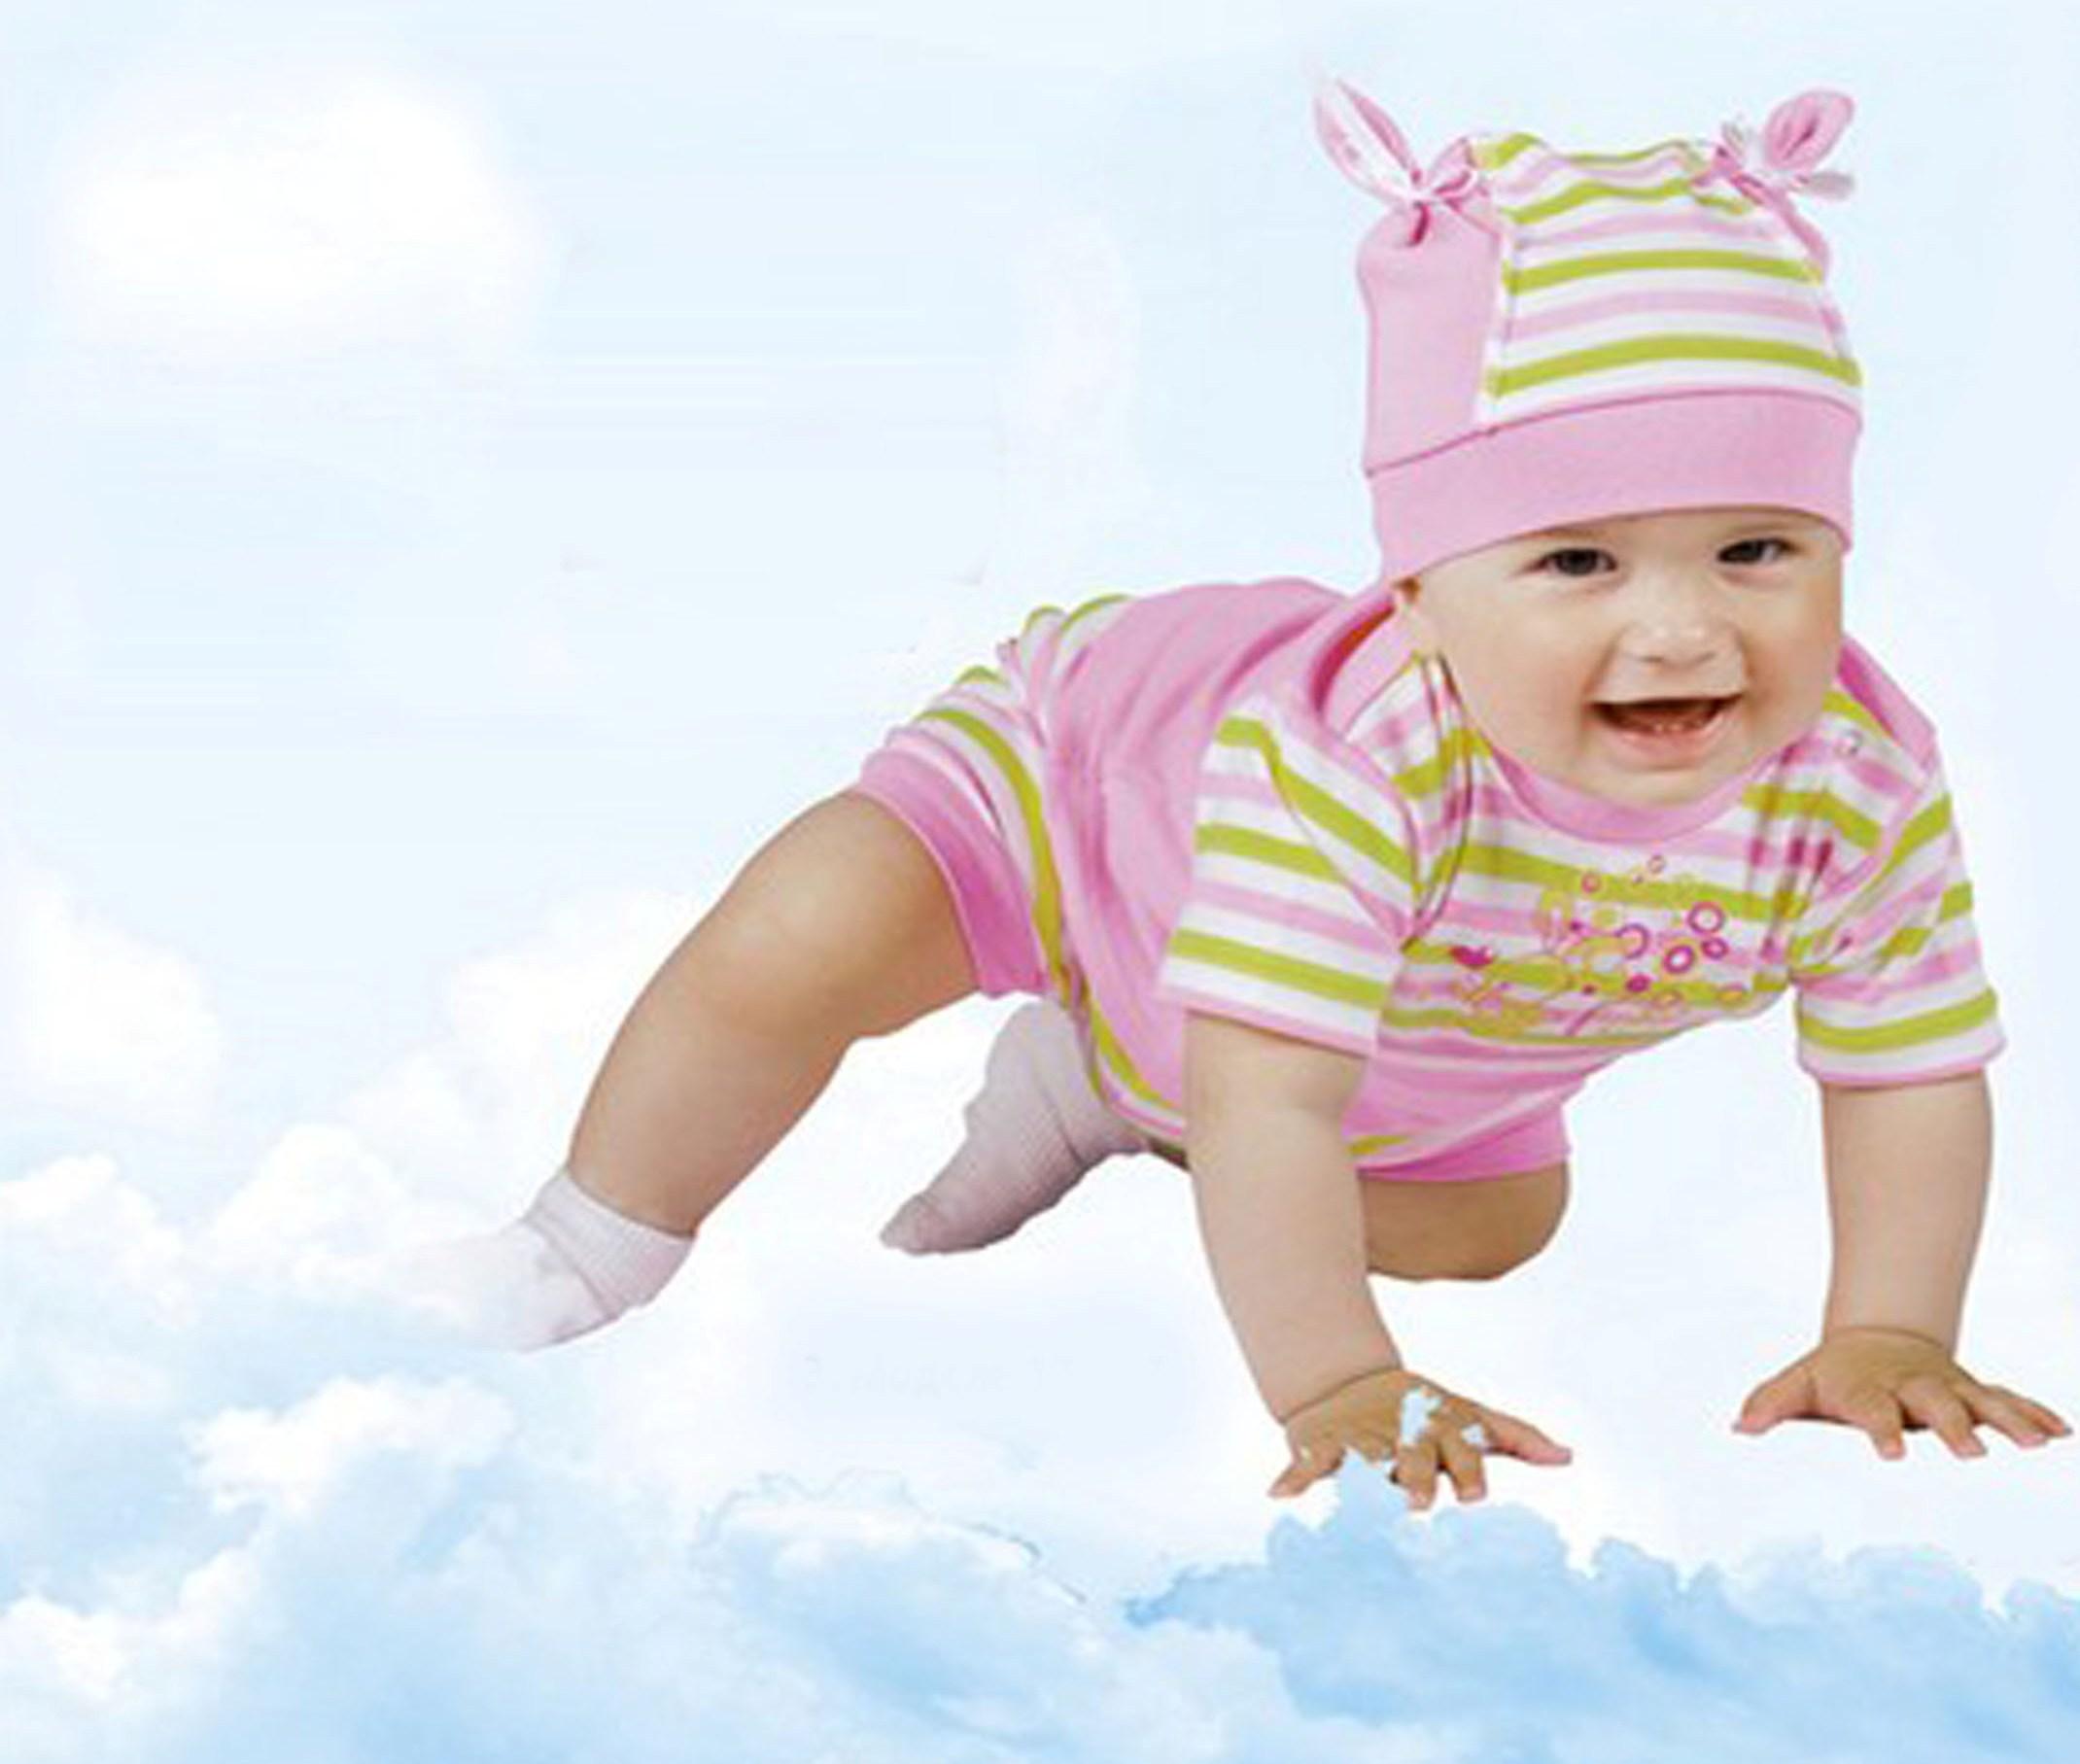 откуда женщины рожают детей фото